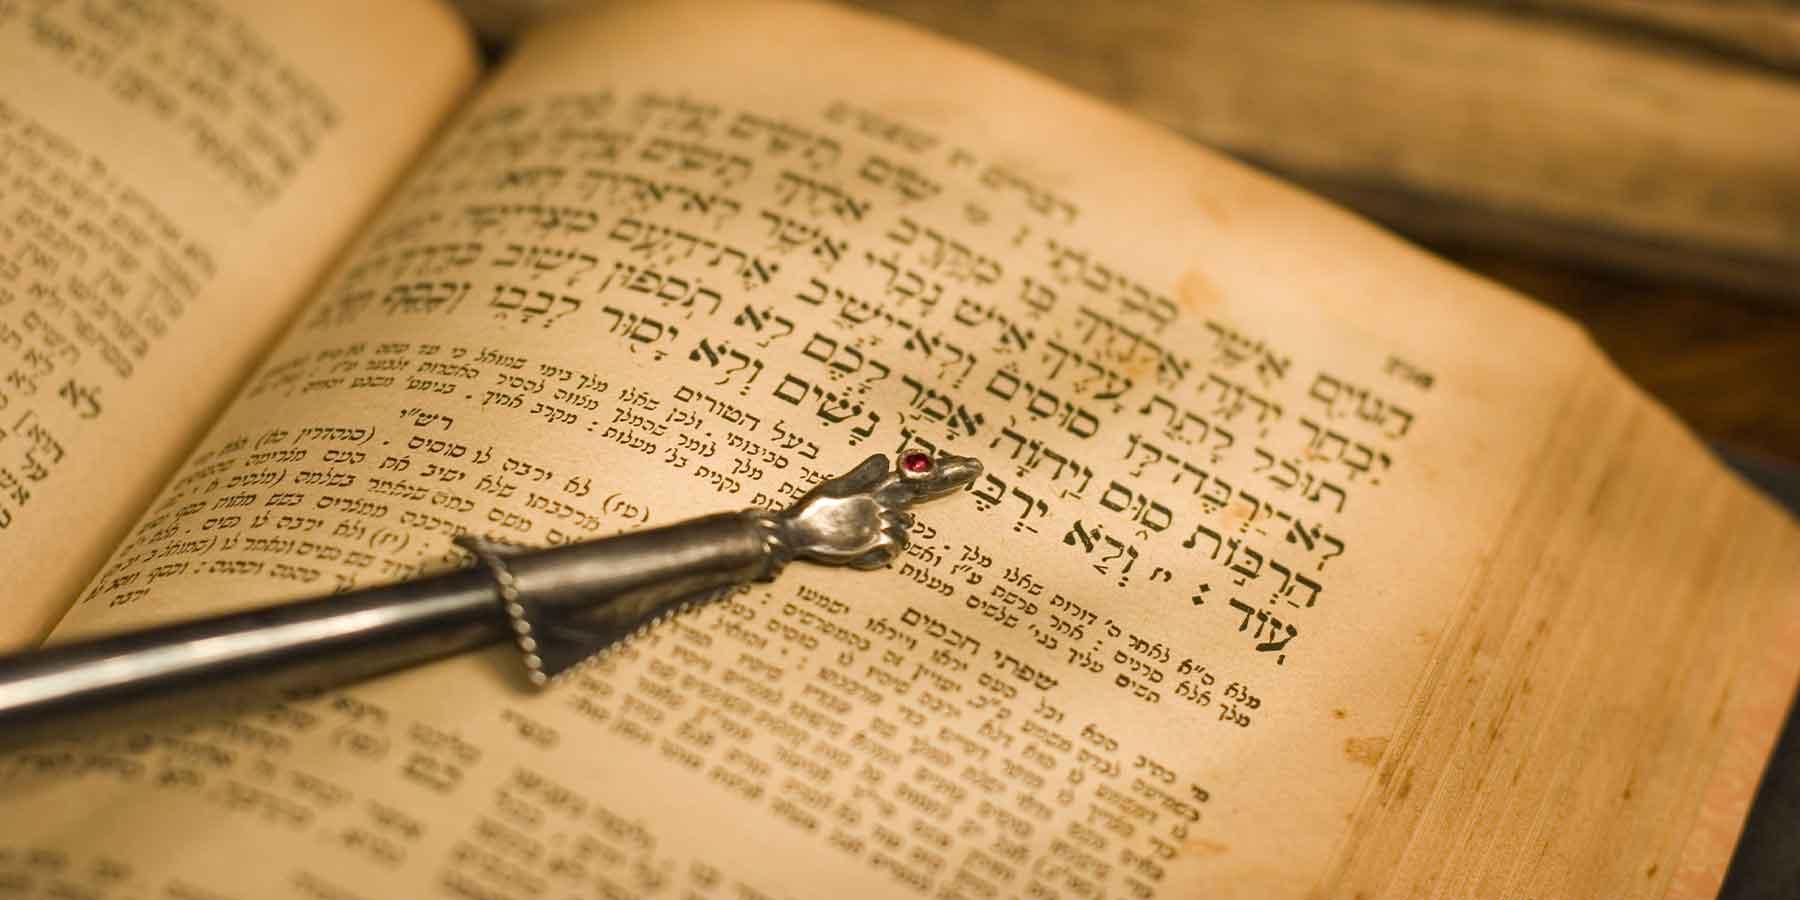 Limitations of scriptures